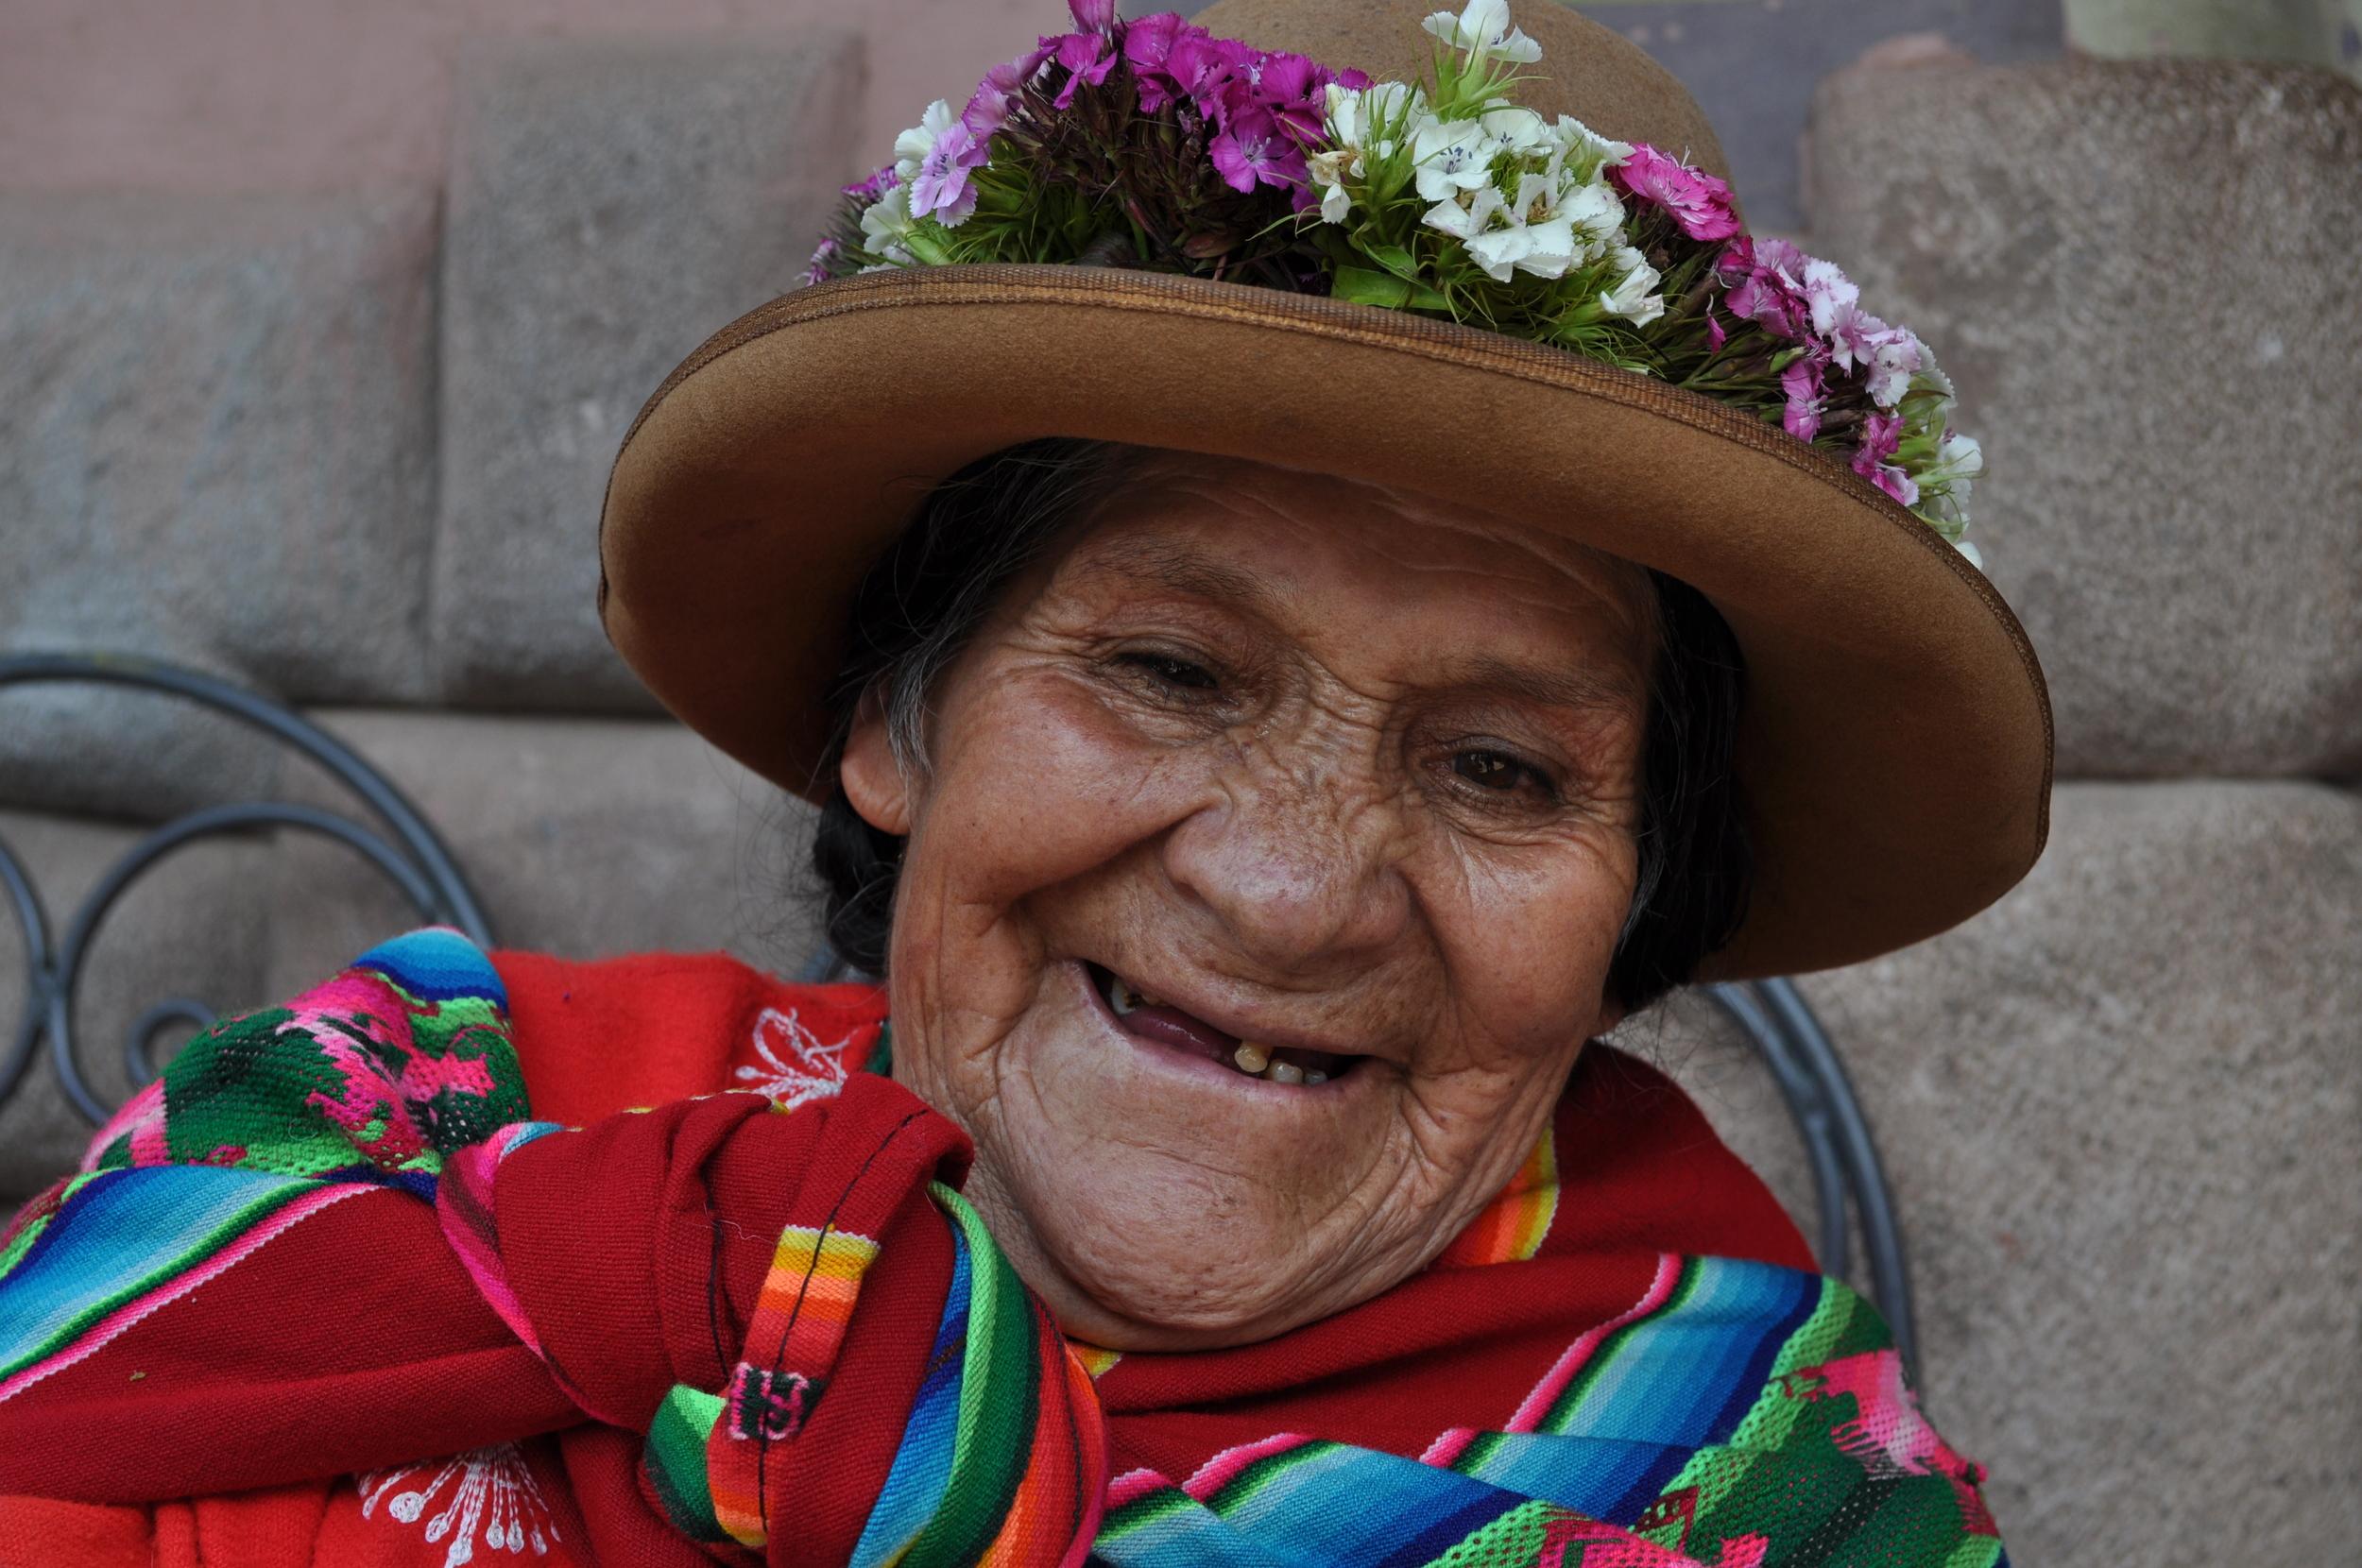 Por algunos soles esta hermosa anciana posó para nuestro lente. Foto: Pamy Rojas